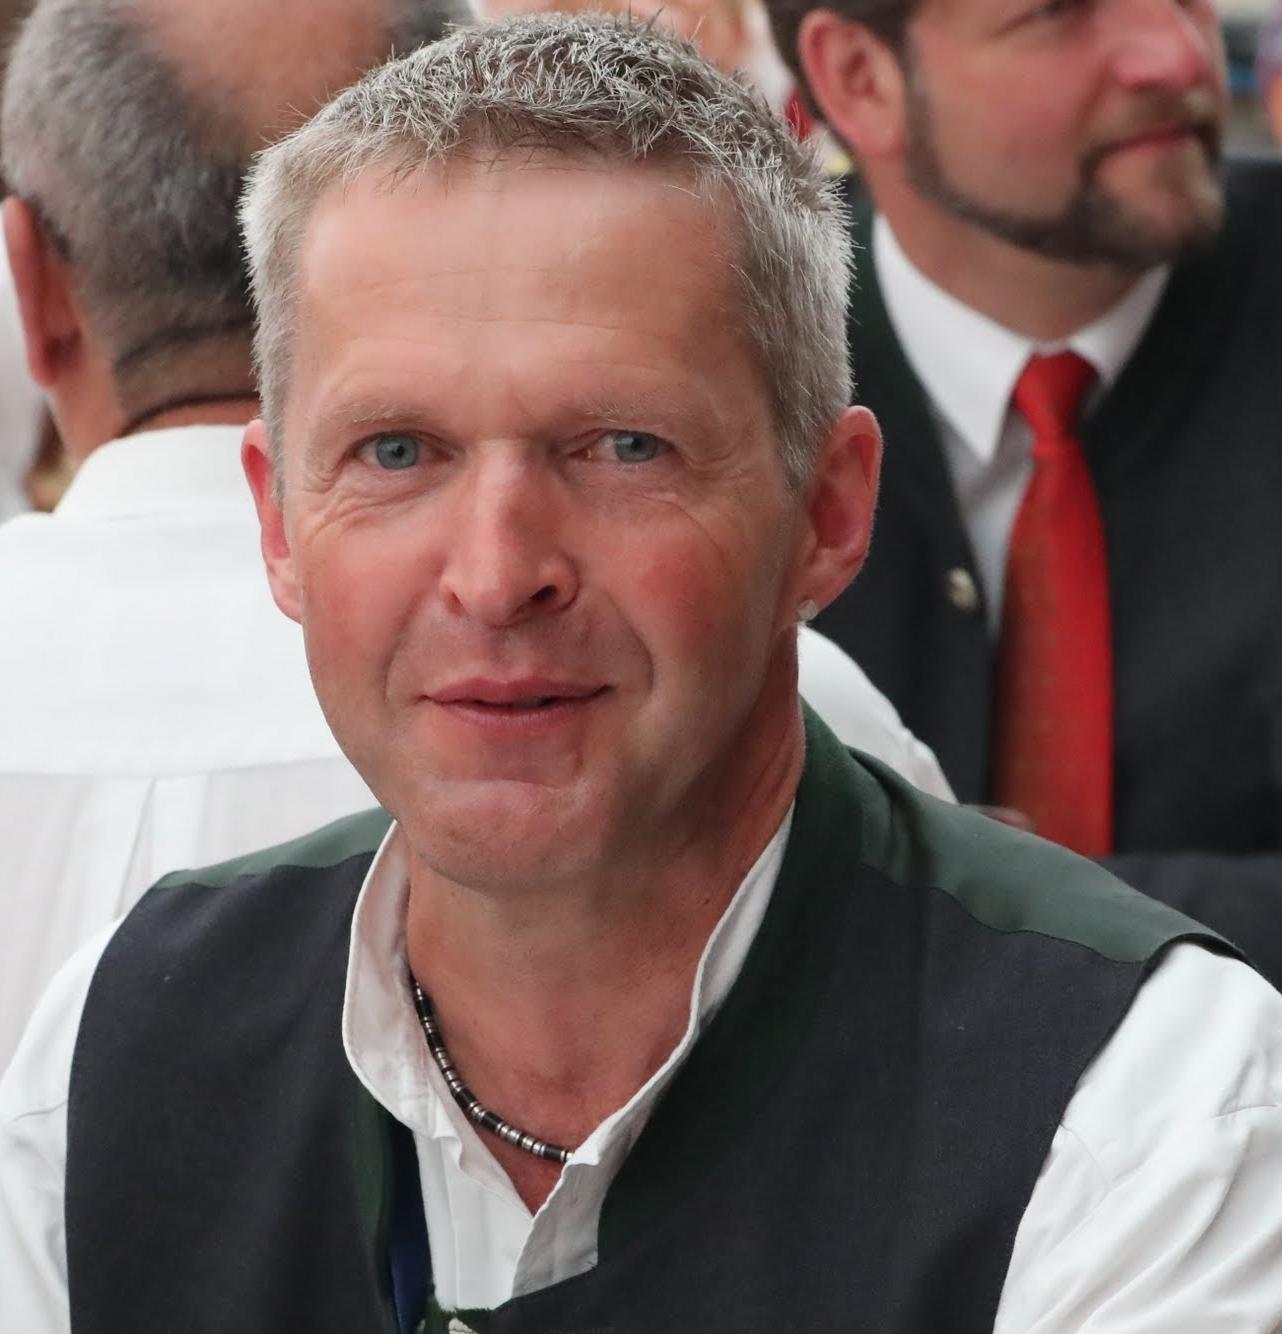 Albert Maurer, Trompete, Vorstand von 2005 - 2014, aktiv von 1980 - 2015